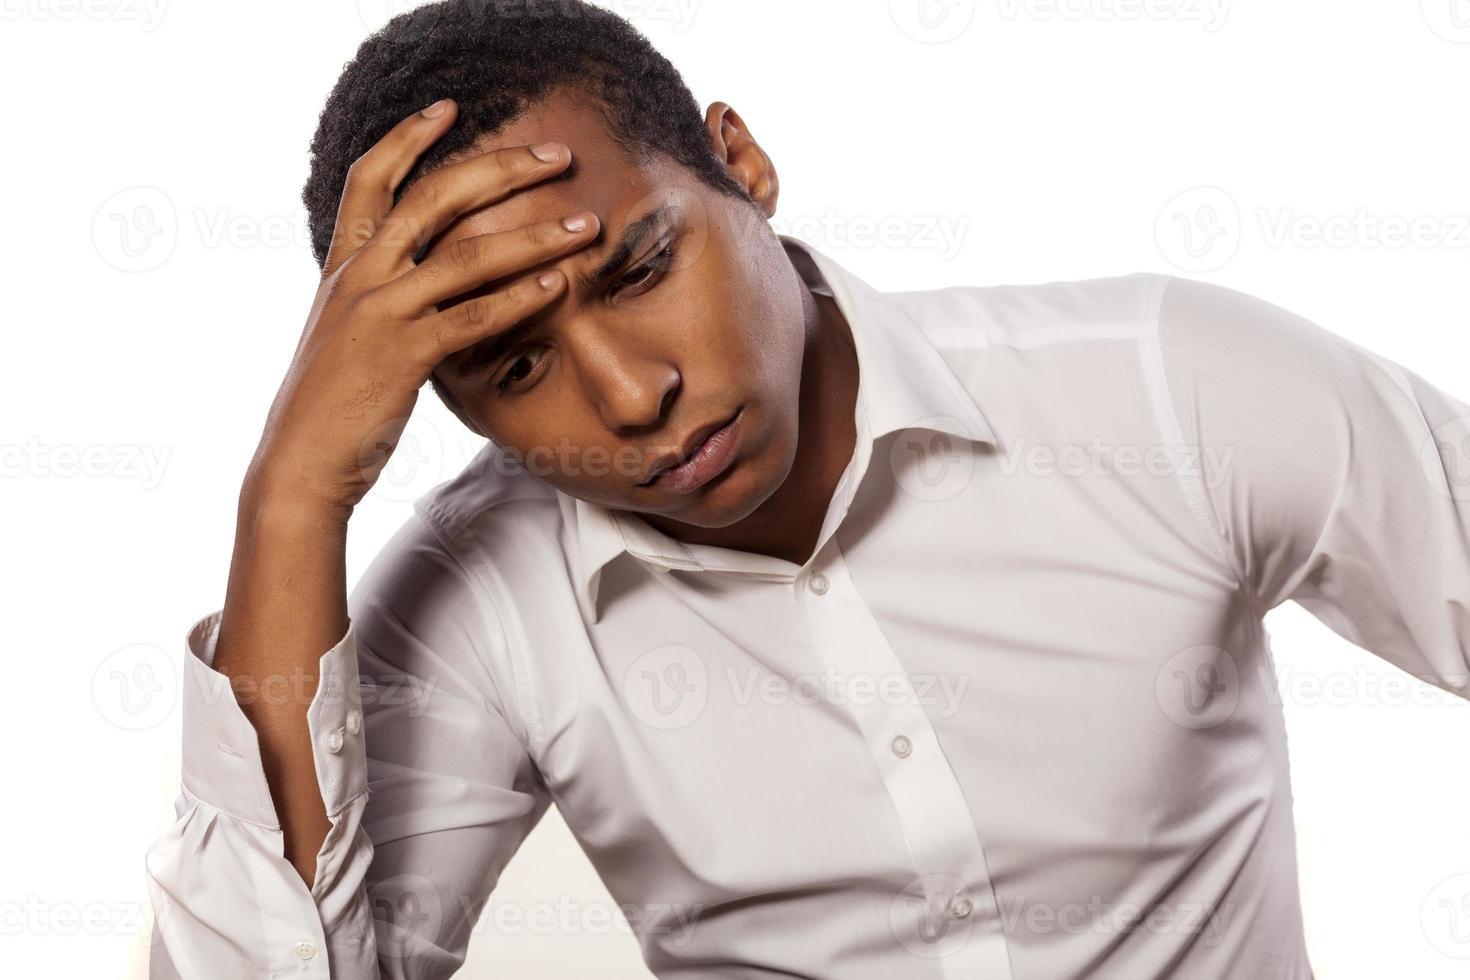 homme d'affaires africain désespéré sur fond blanc photo